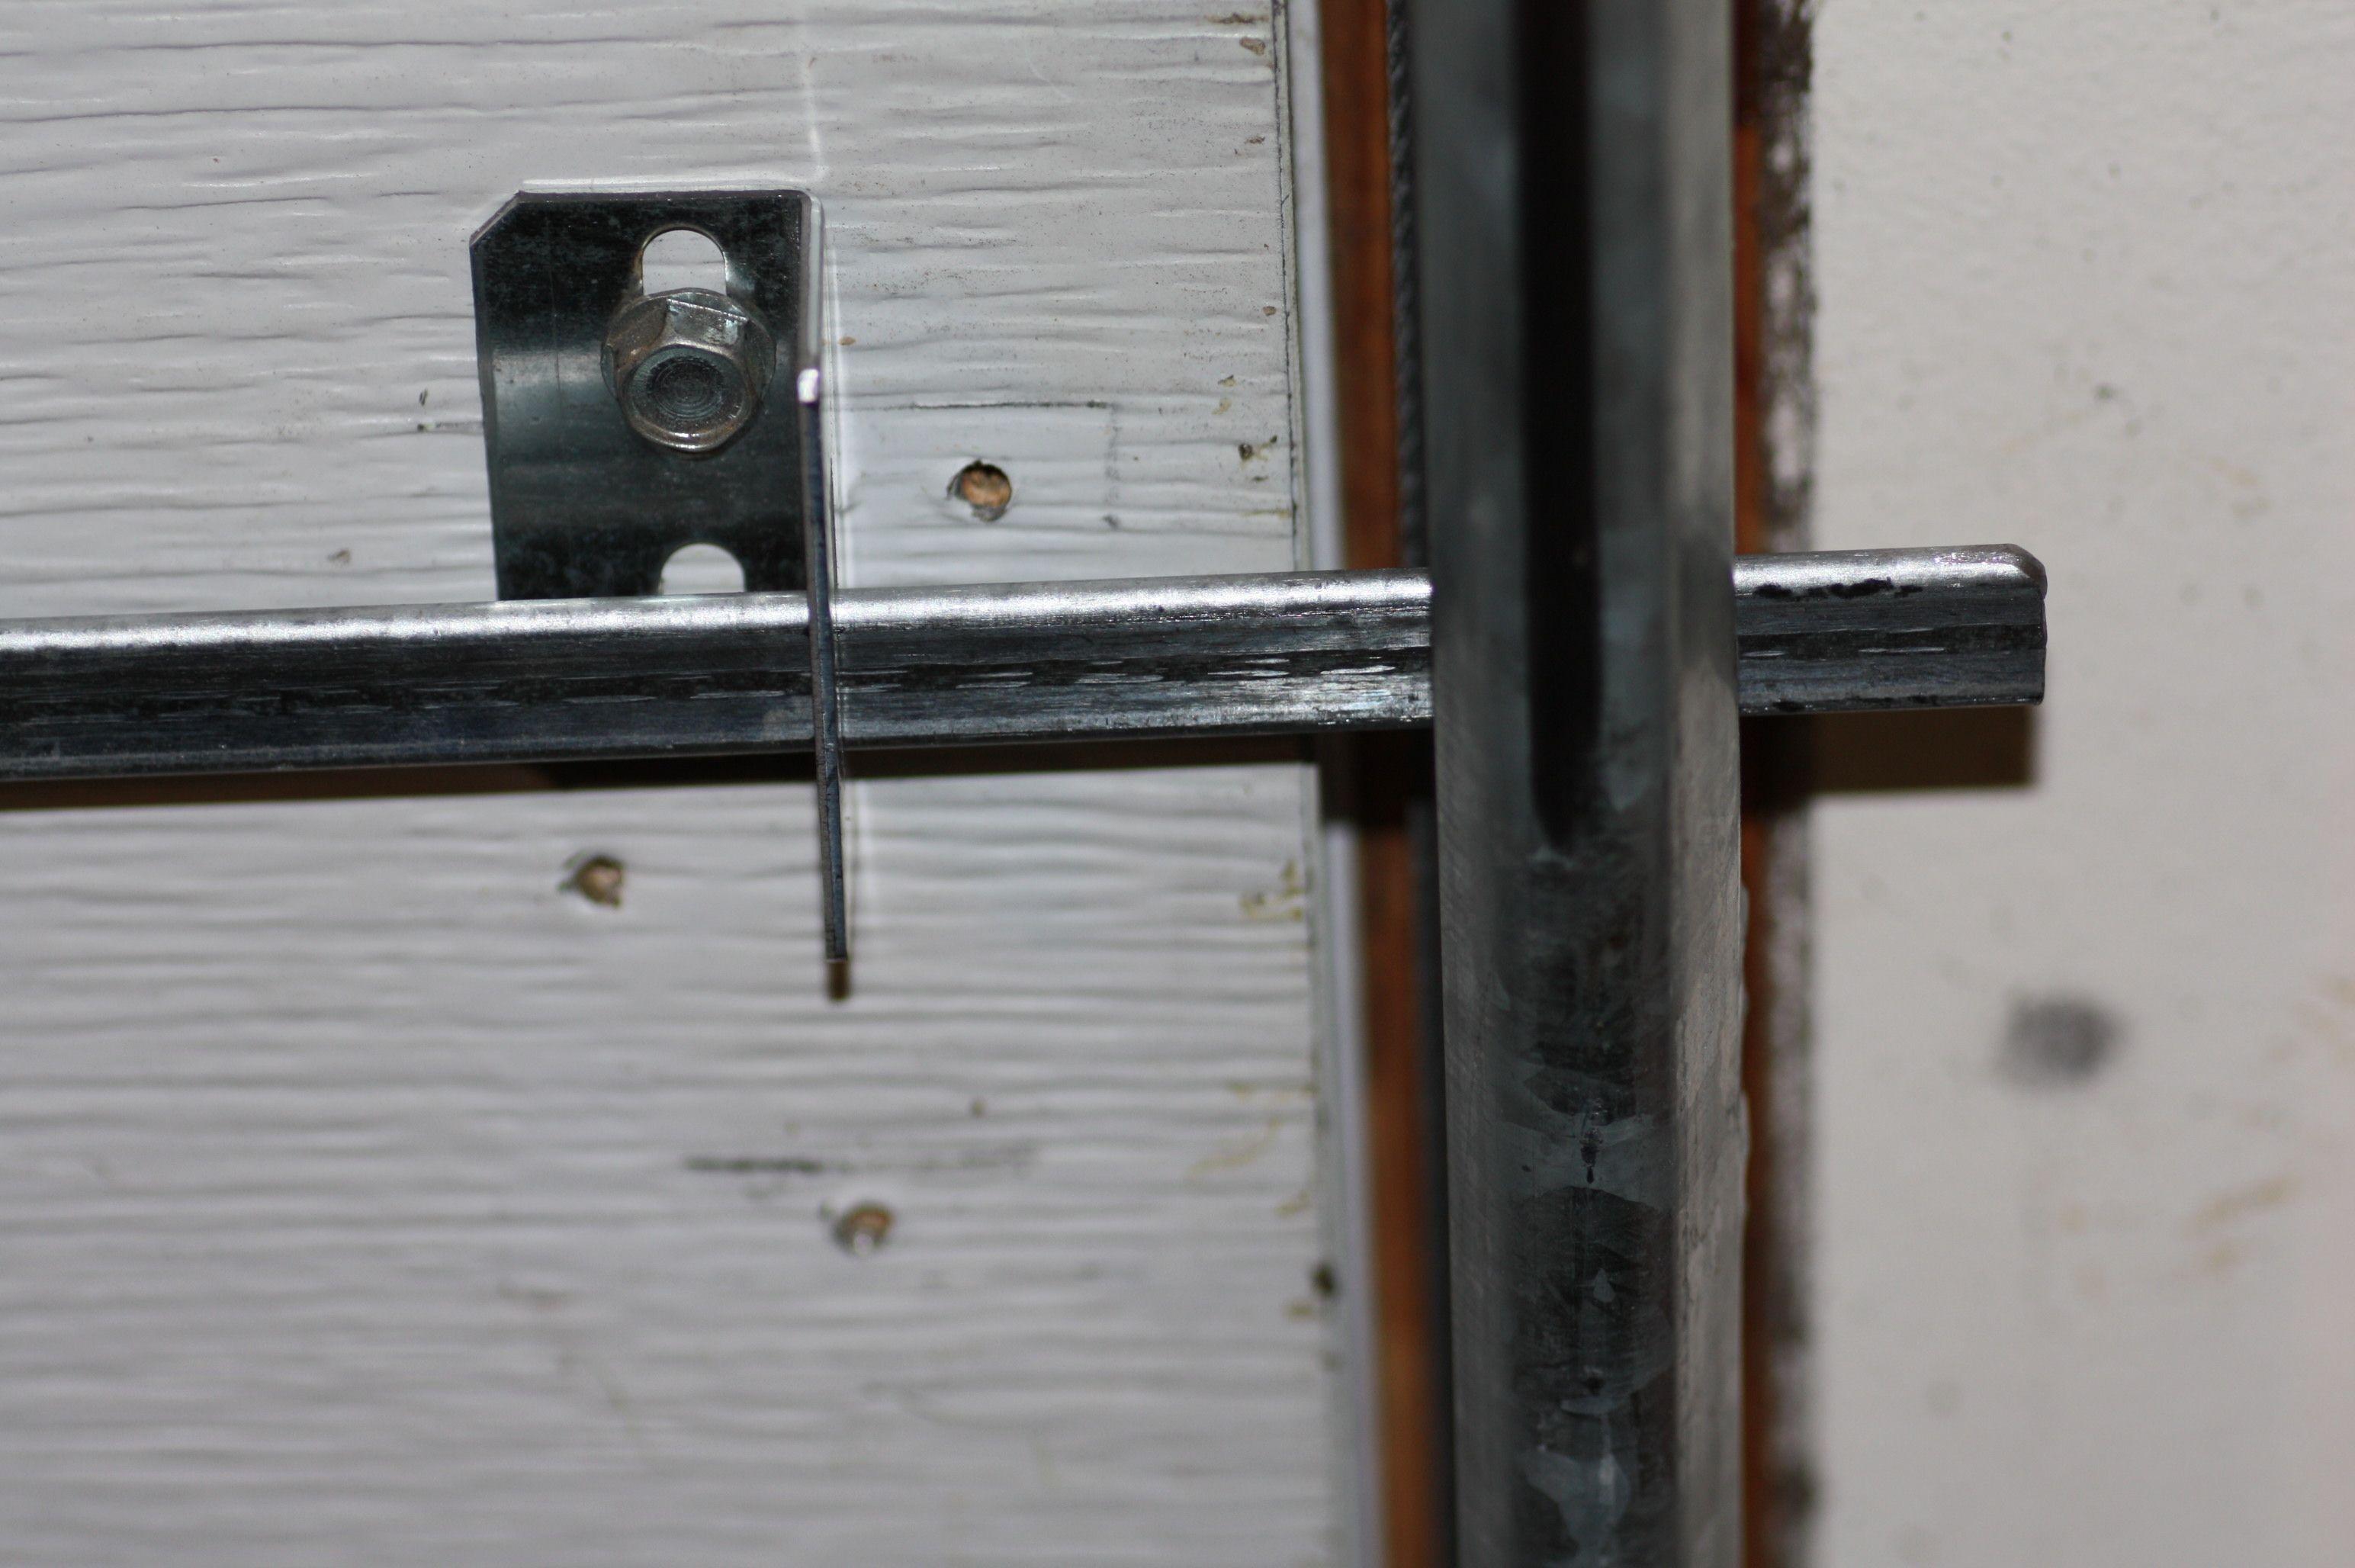 Chamberlain Garage Door Opener Locked Out